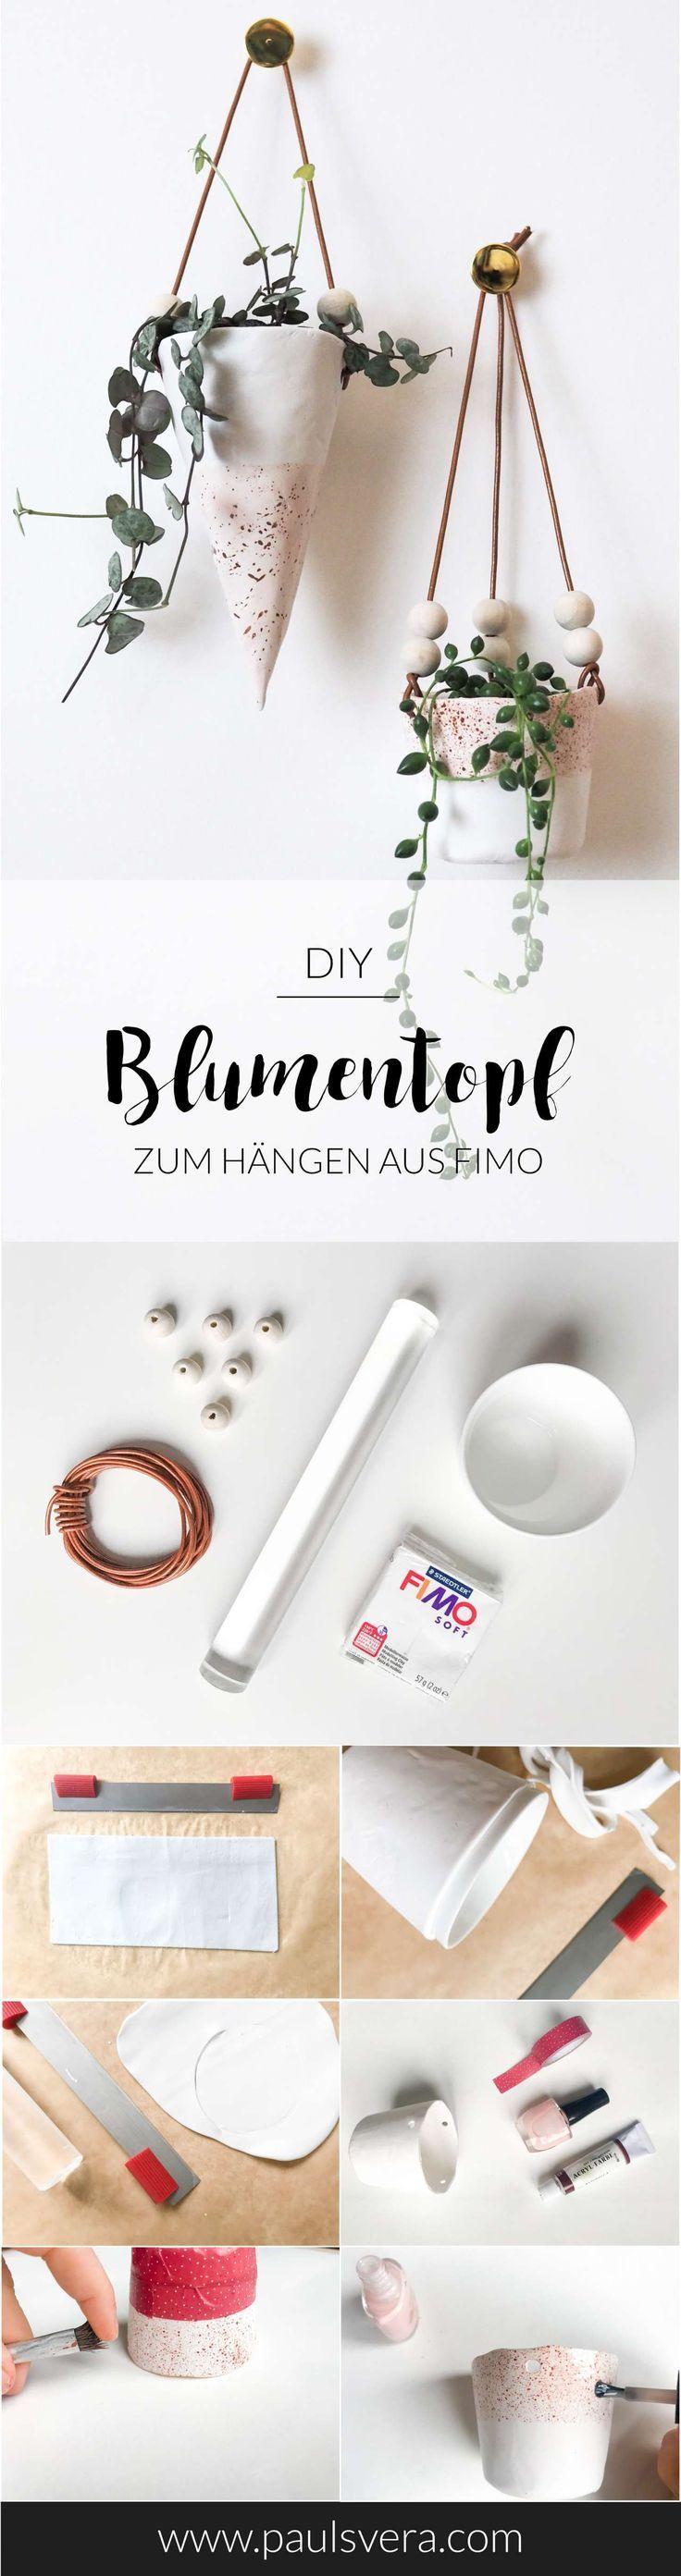 DIY Deko: Stylischer Blumentopf Aus Fimo Ganz Einfach Selber Machen! Ein  Wunderbares Selbstgemachtes Geschenk